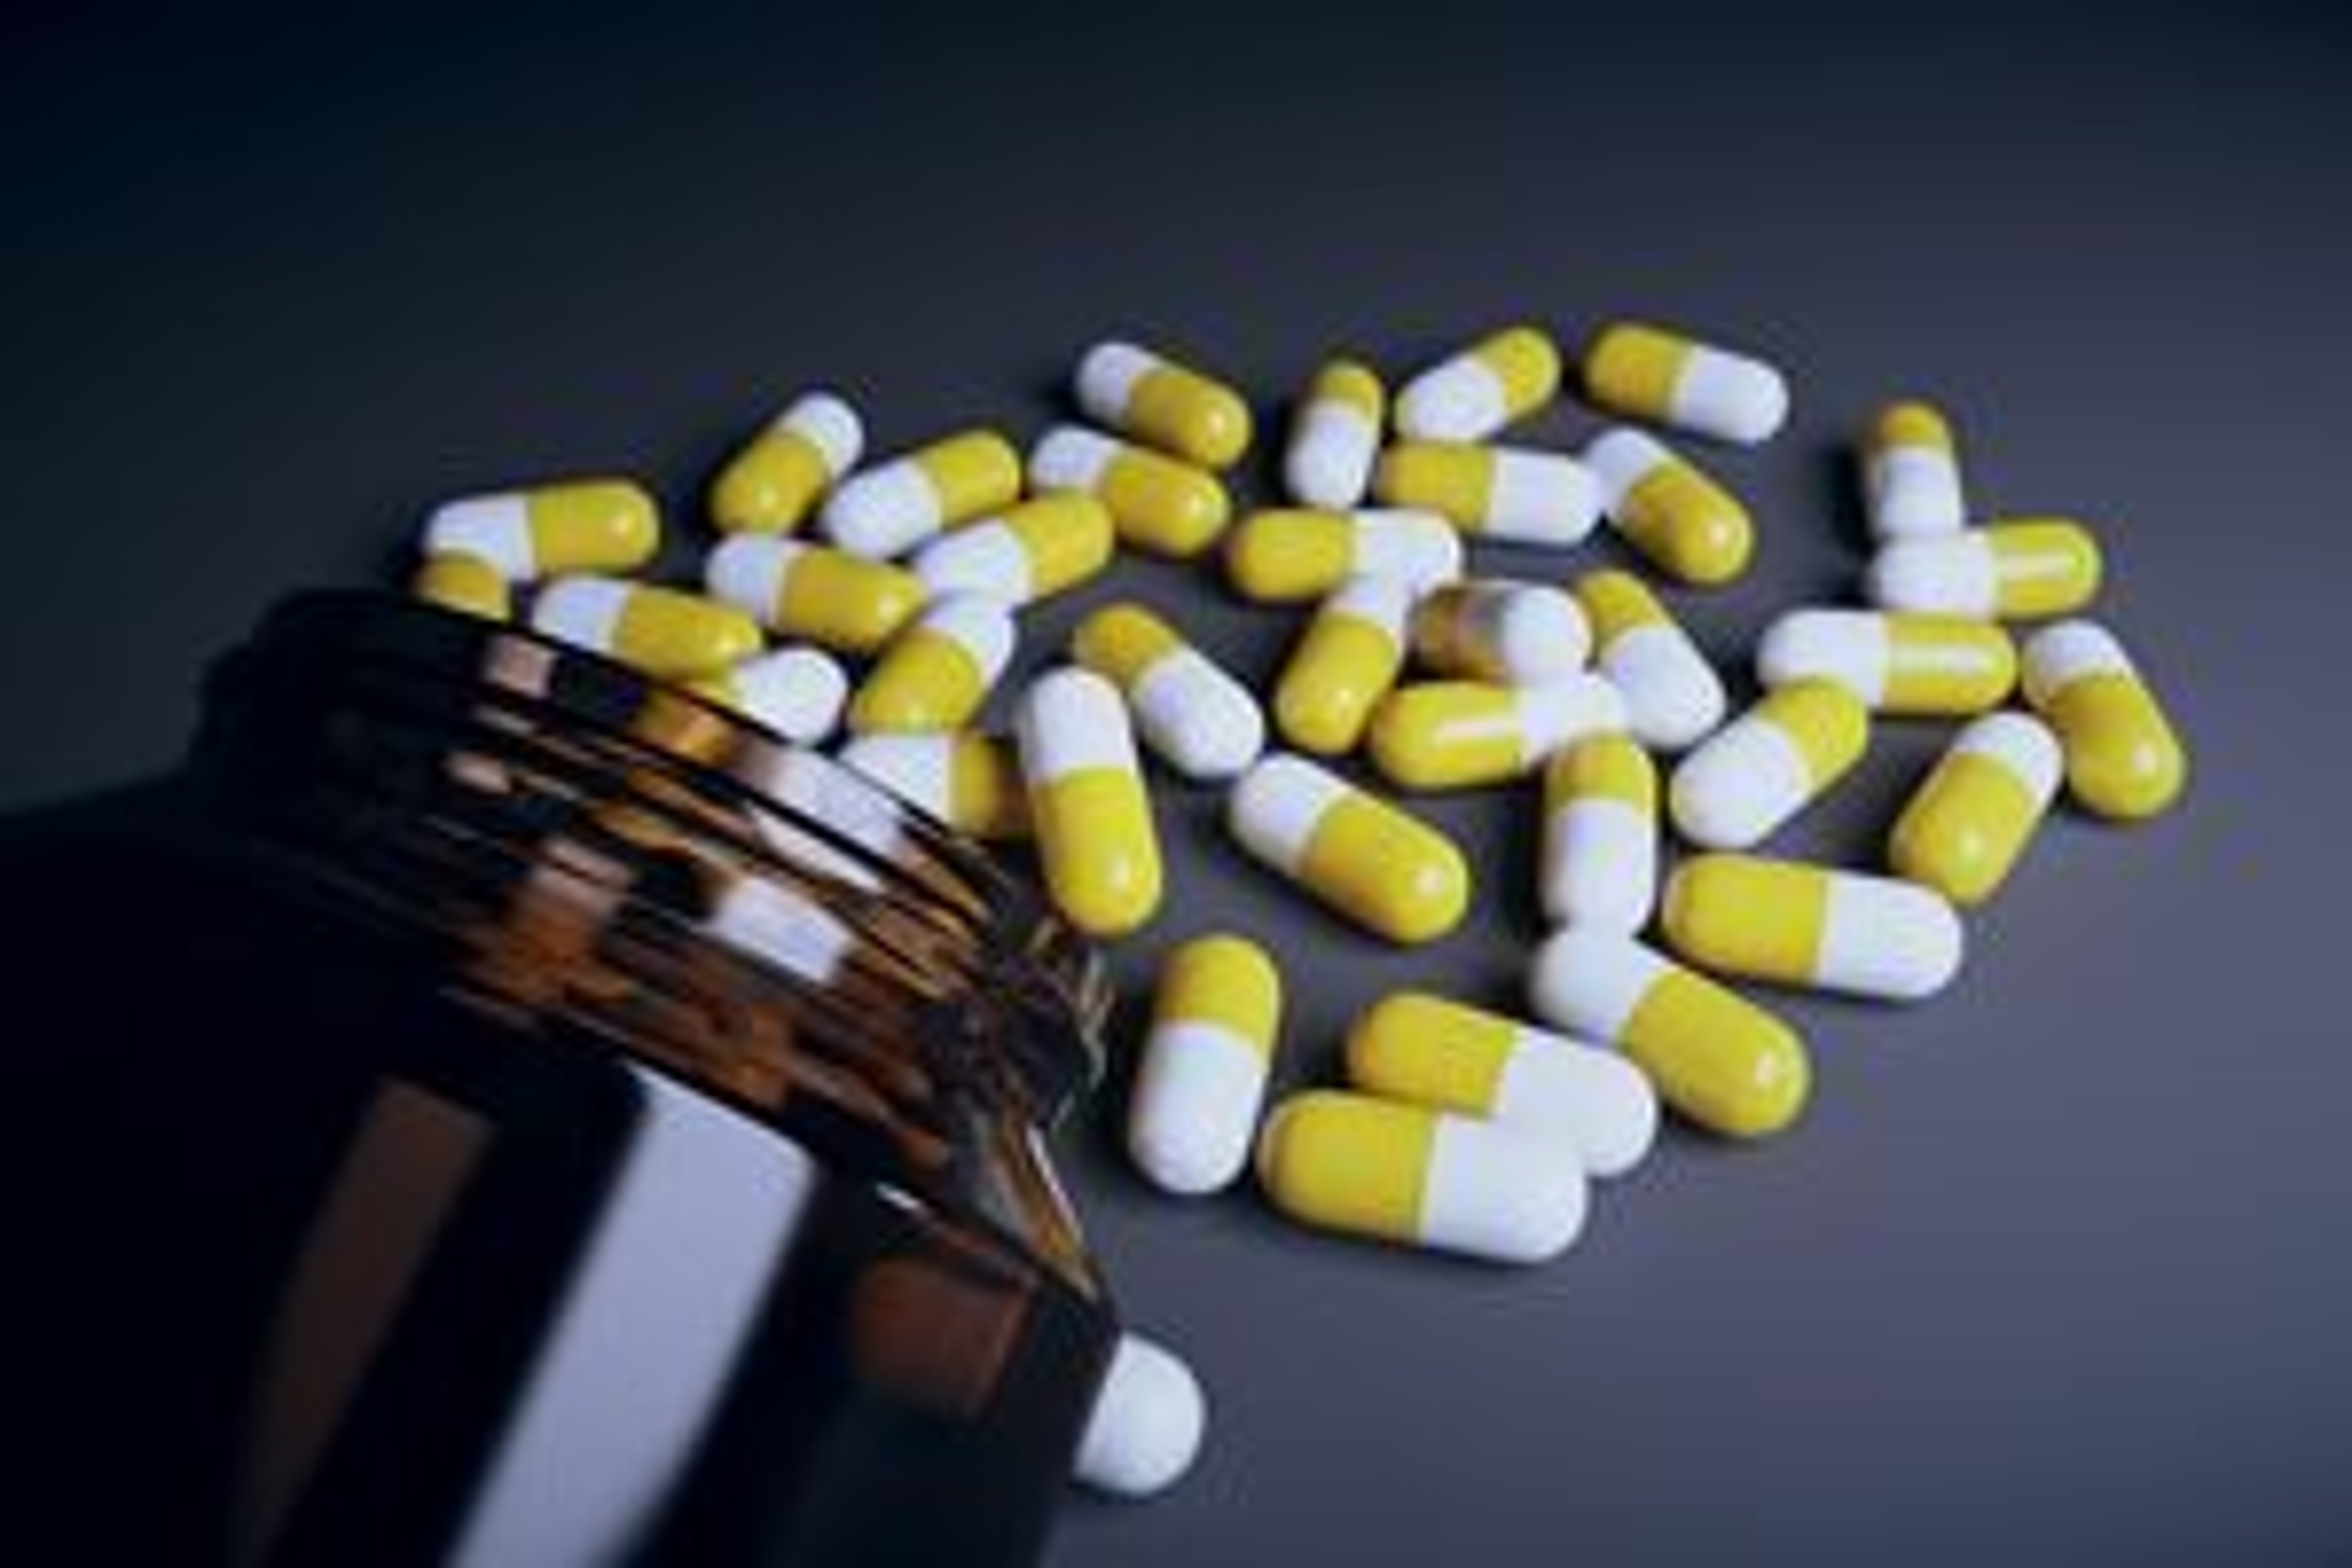 Mỹ phát hiện thực phẩm chức năng chứa chất gây hại